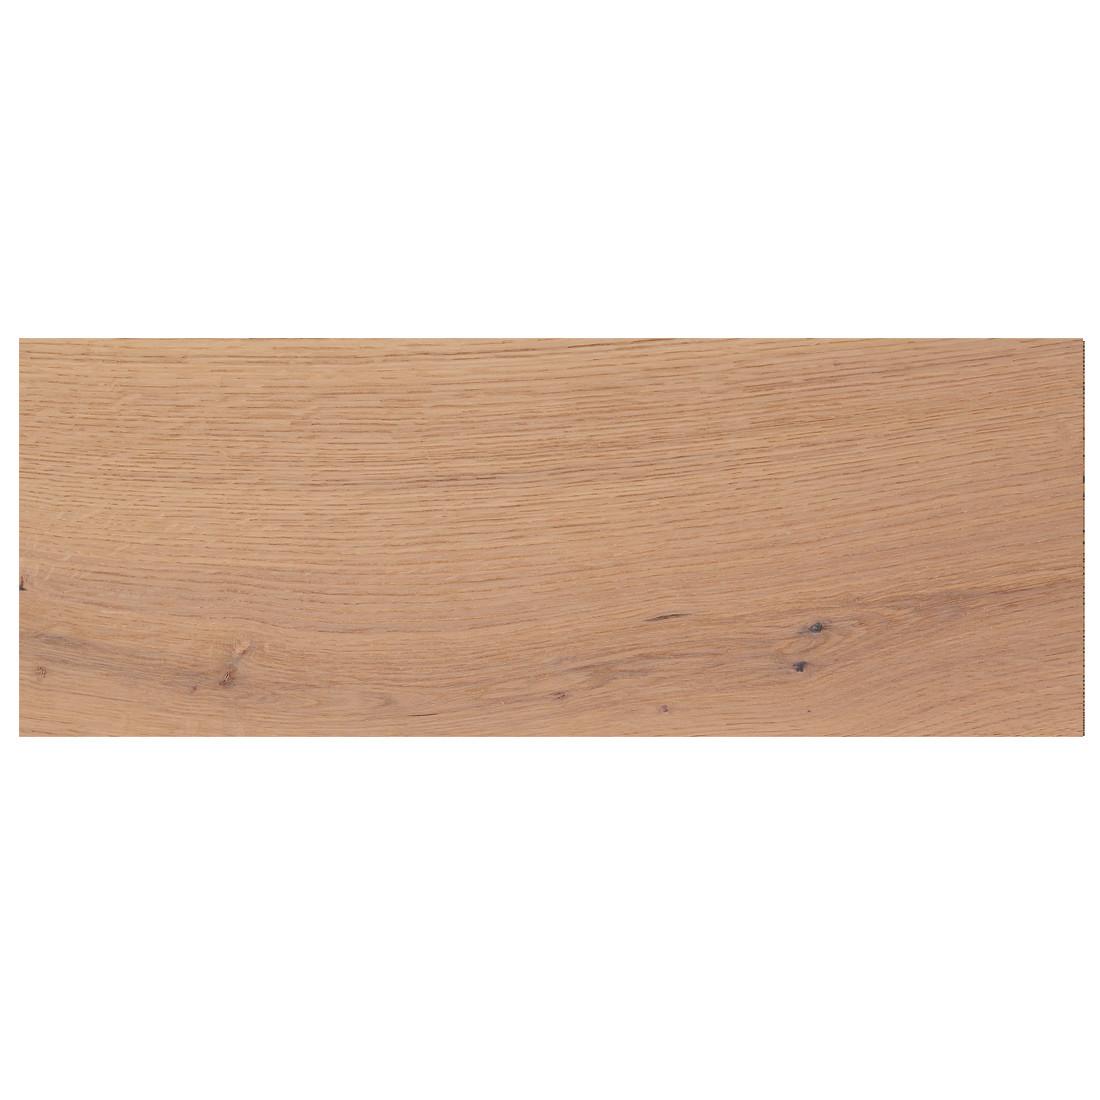 European Oak - Branford - Classic Board